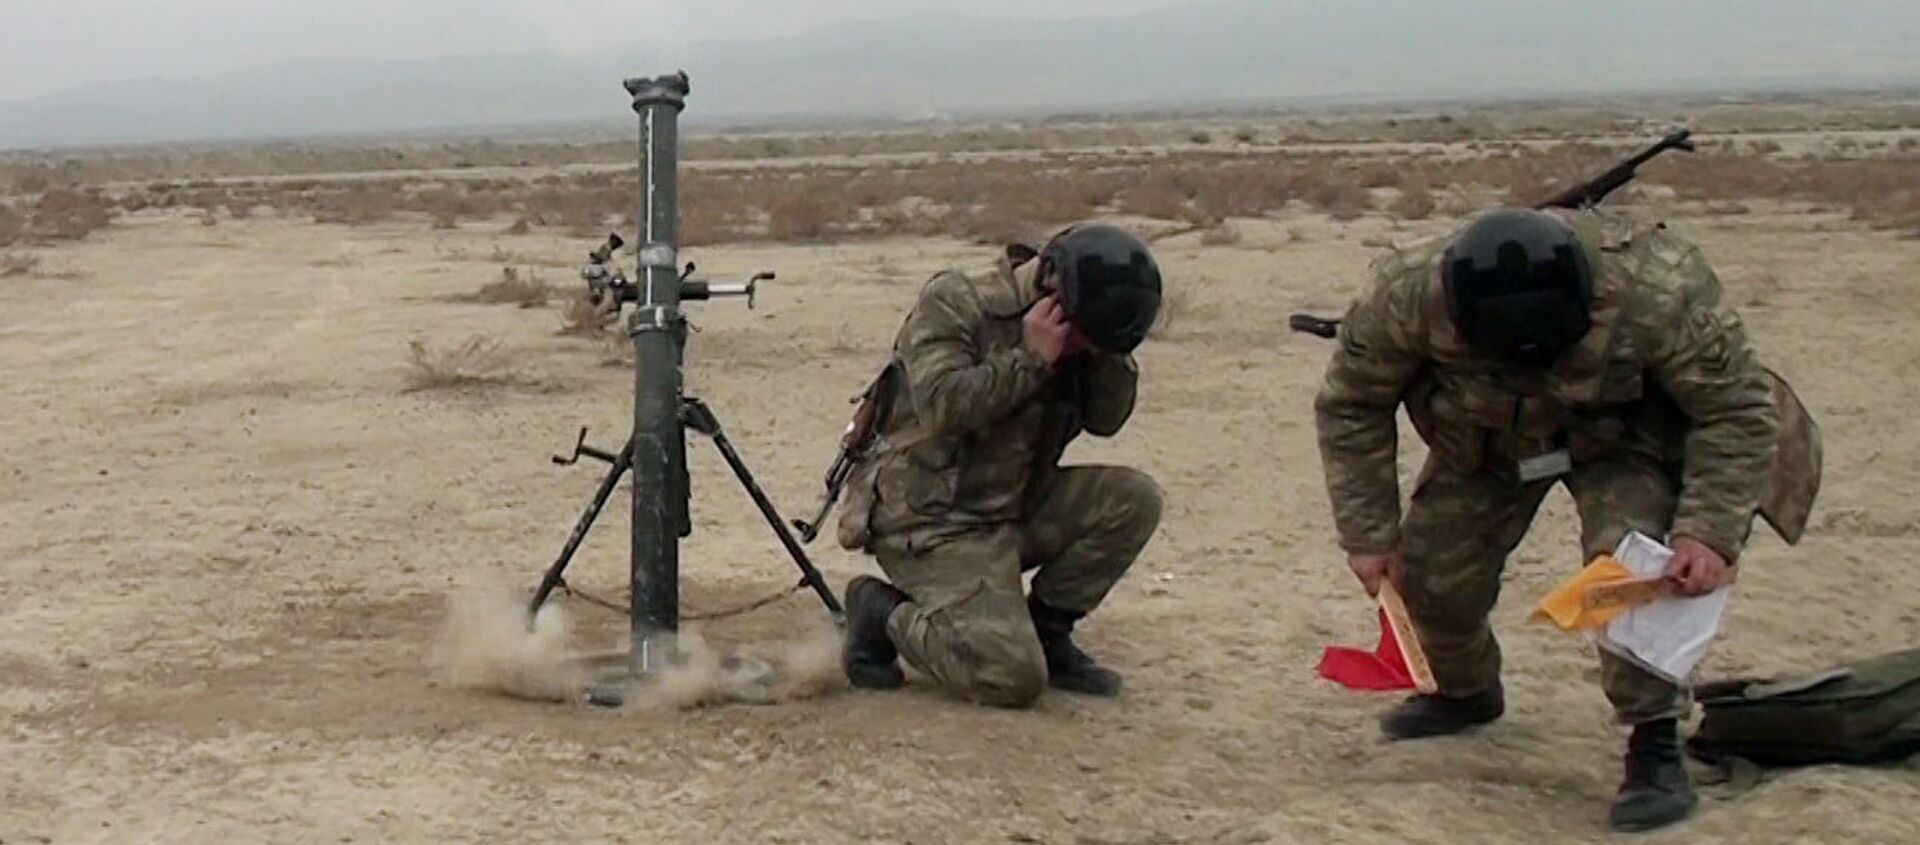 Минометные батареи проводят учебные тренировки с боевой стрельбой - Sputnik Азербайджан, 1920, 17.02.2021